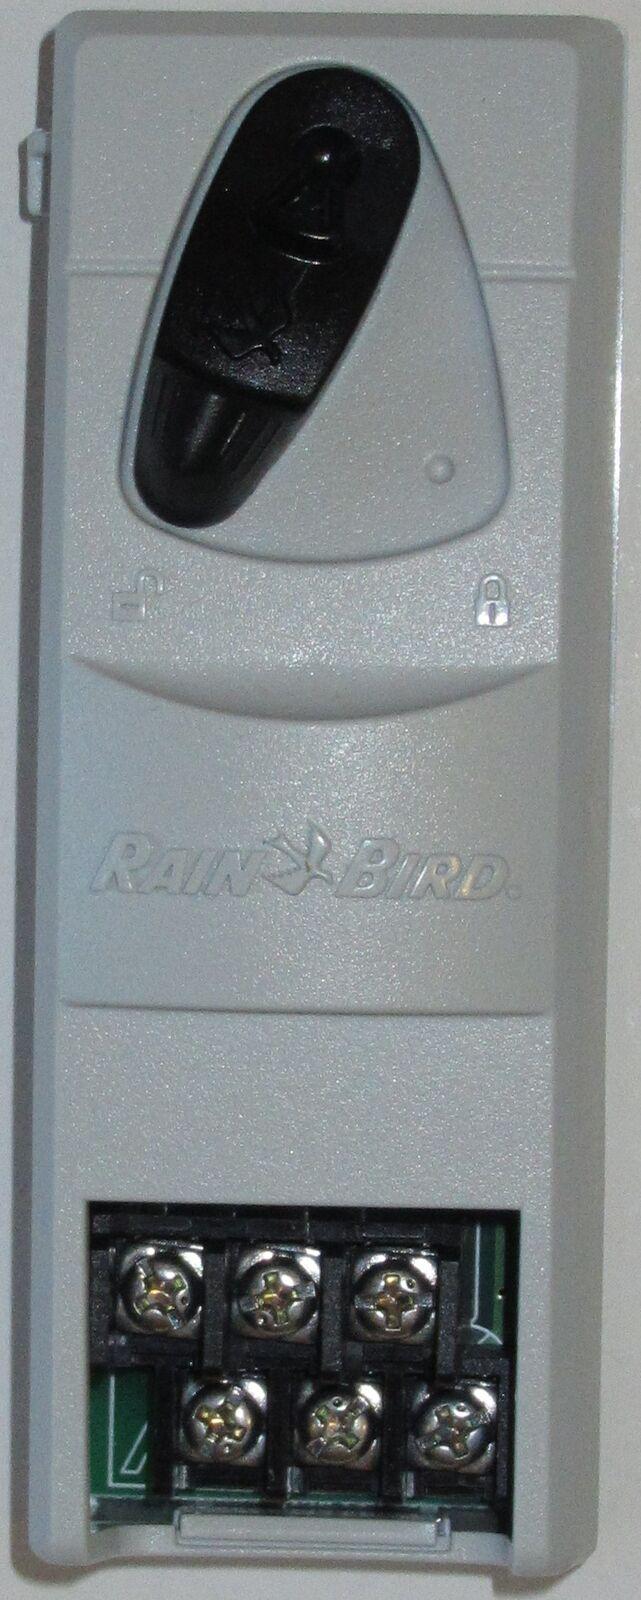 Modulo espansione Rain Bird a 6 zone per programmatore modulare ESP MOD